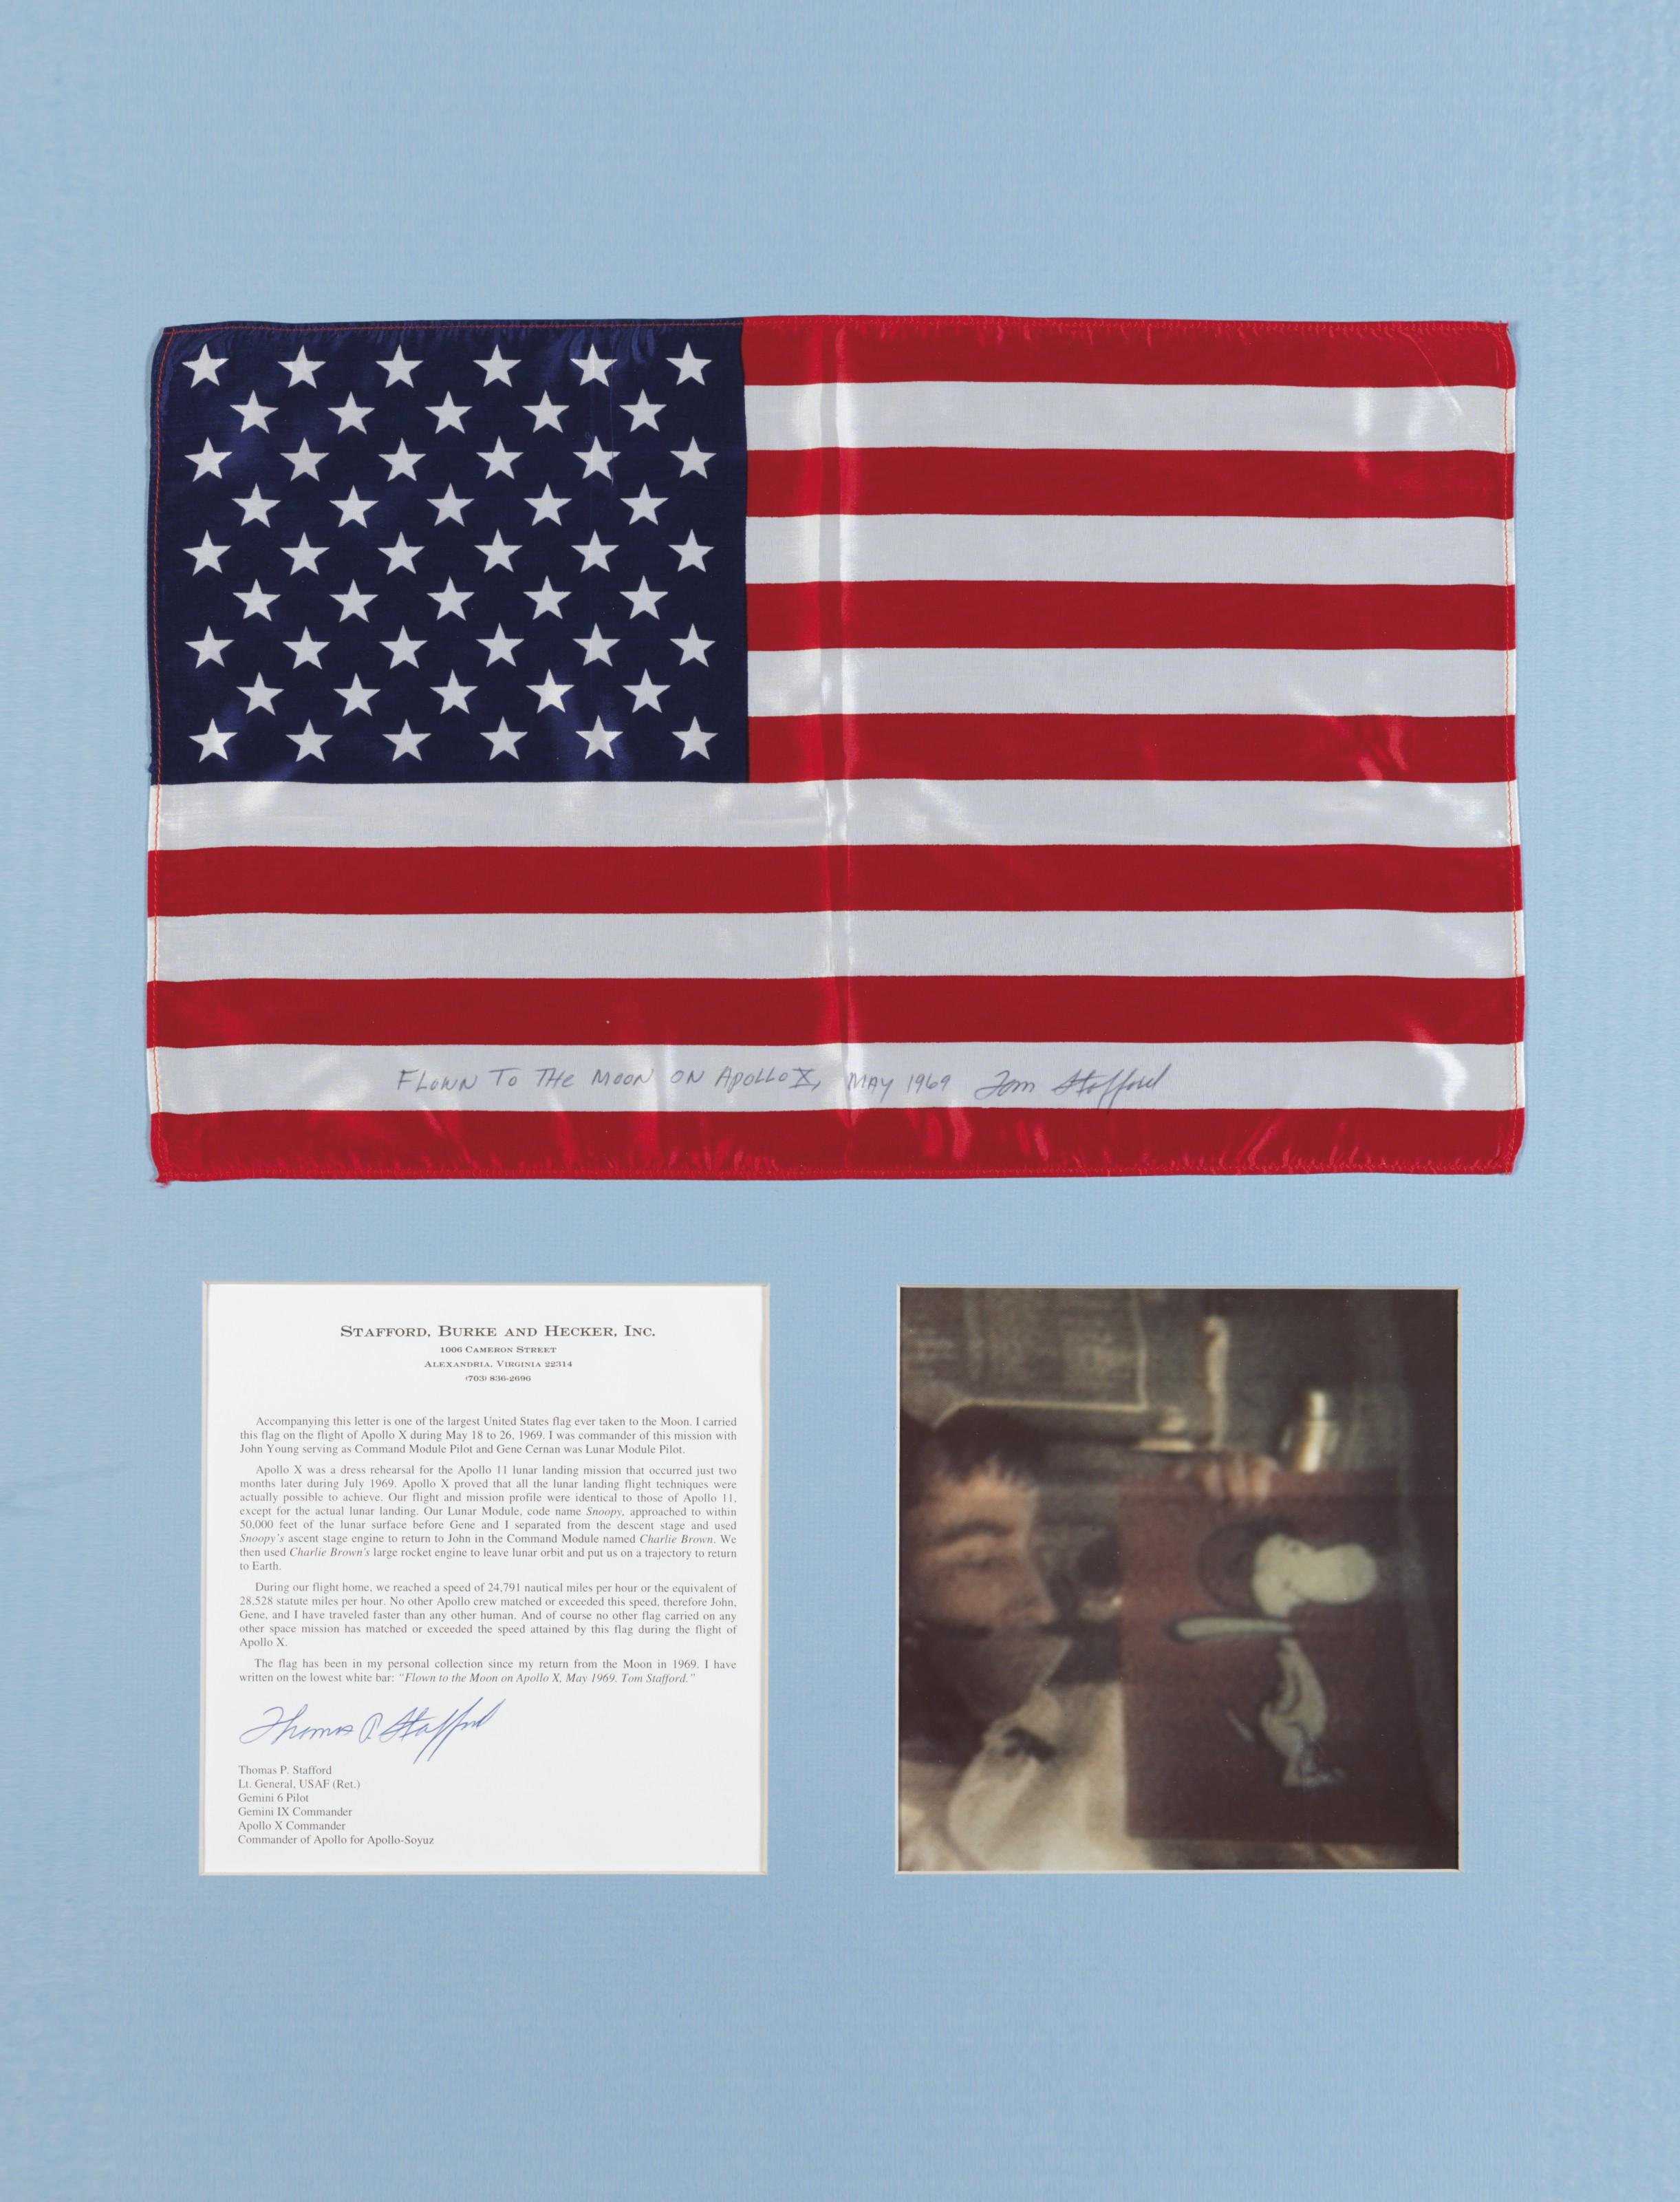 FLOWN ON APOLLO 10 – Large United States flag.